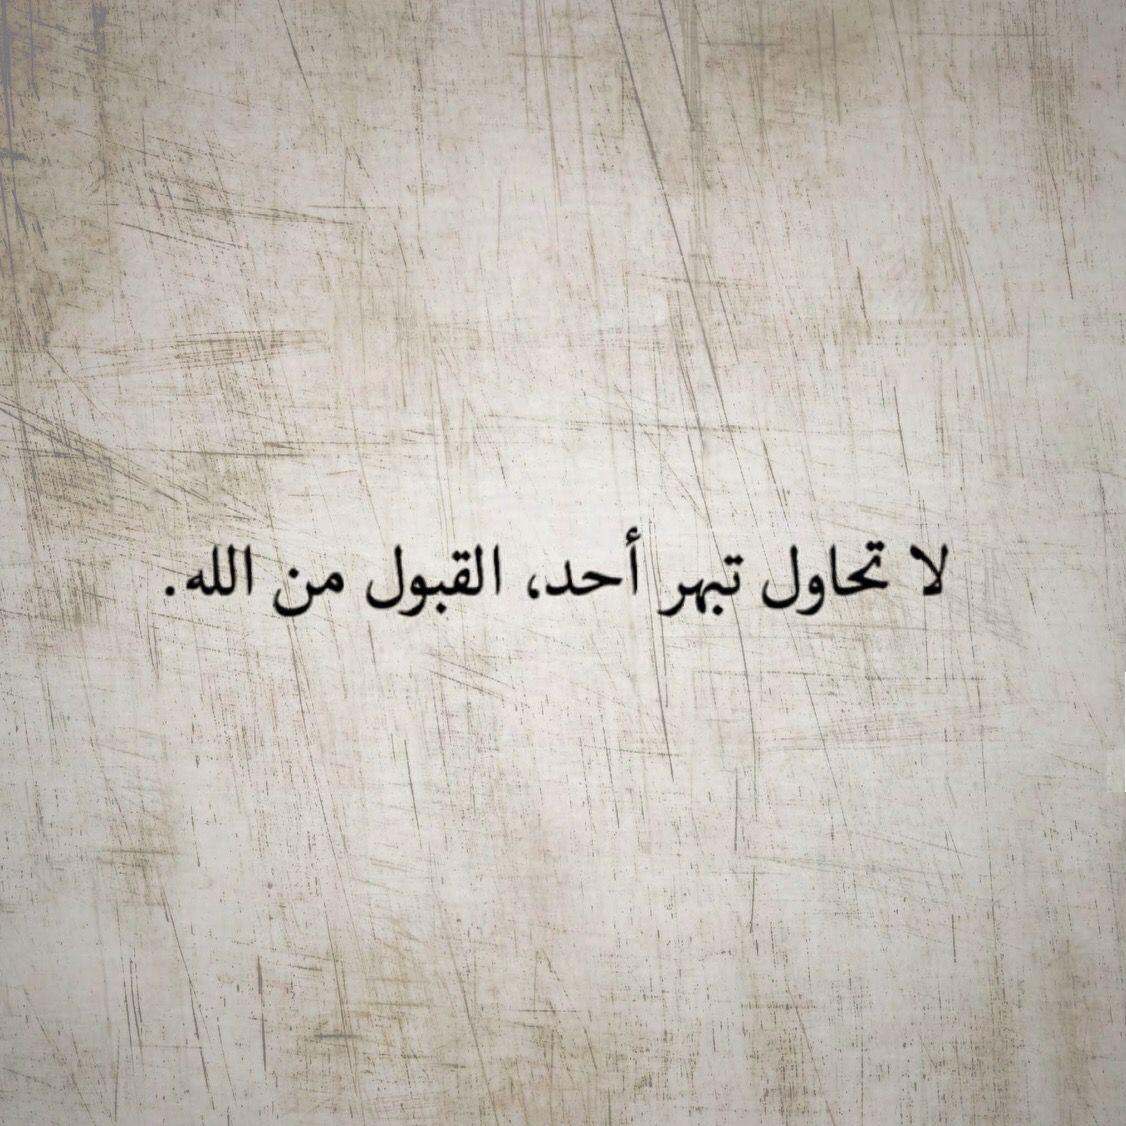 لا تحاول تبهر أحد القبول من الله Calligraphy Arabic Calligraphy